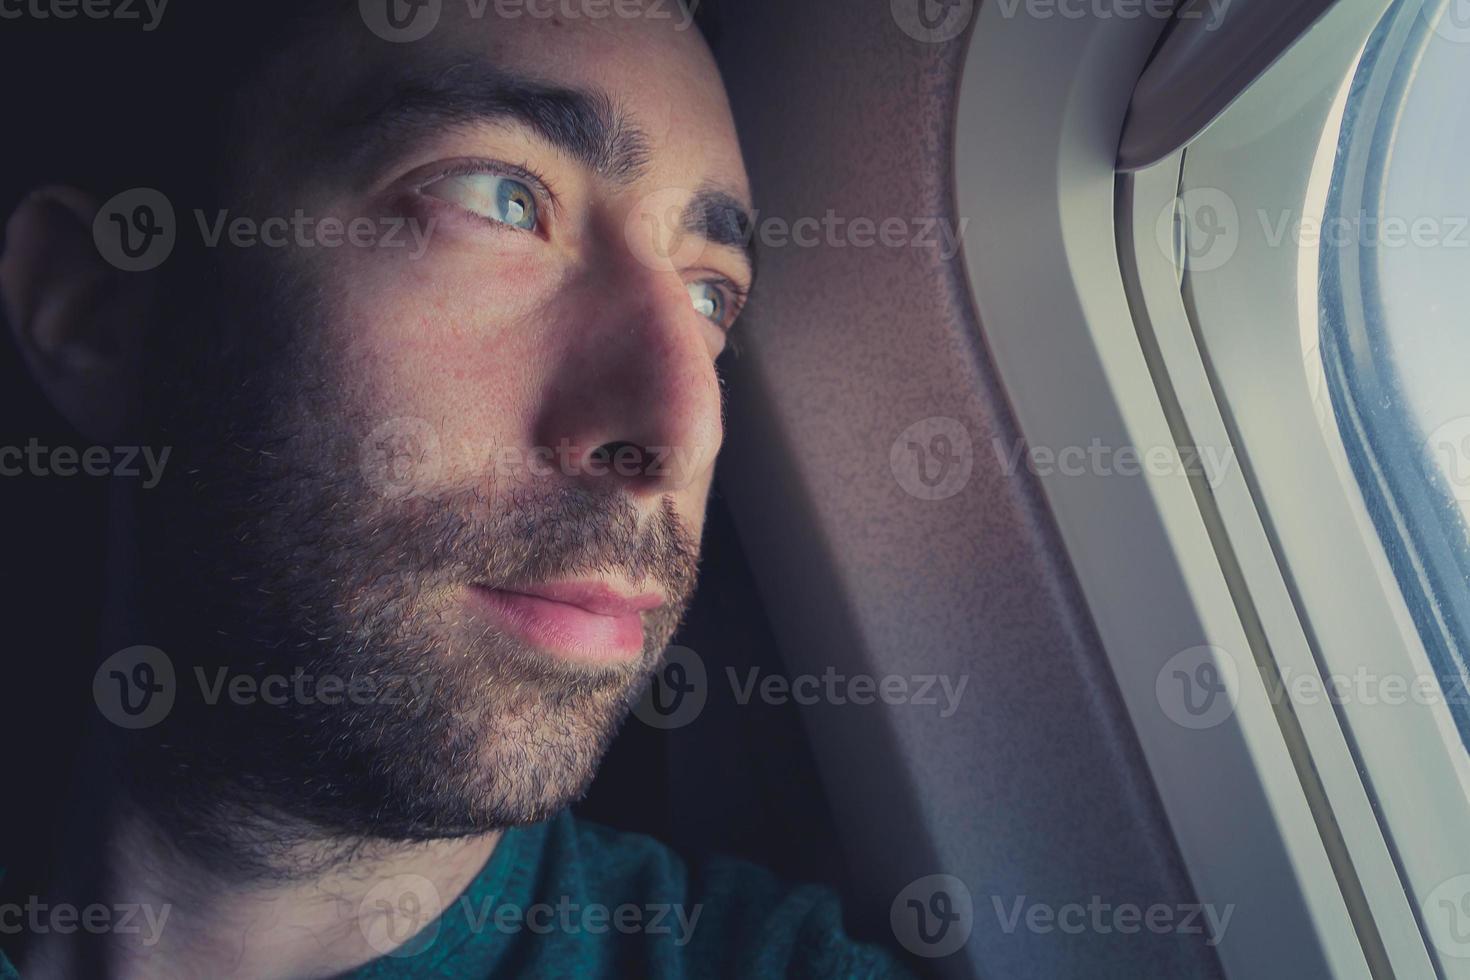 närbild av en fundersam man som tittar utanför genom fönstret på ett flygplan foto